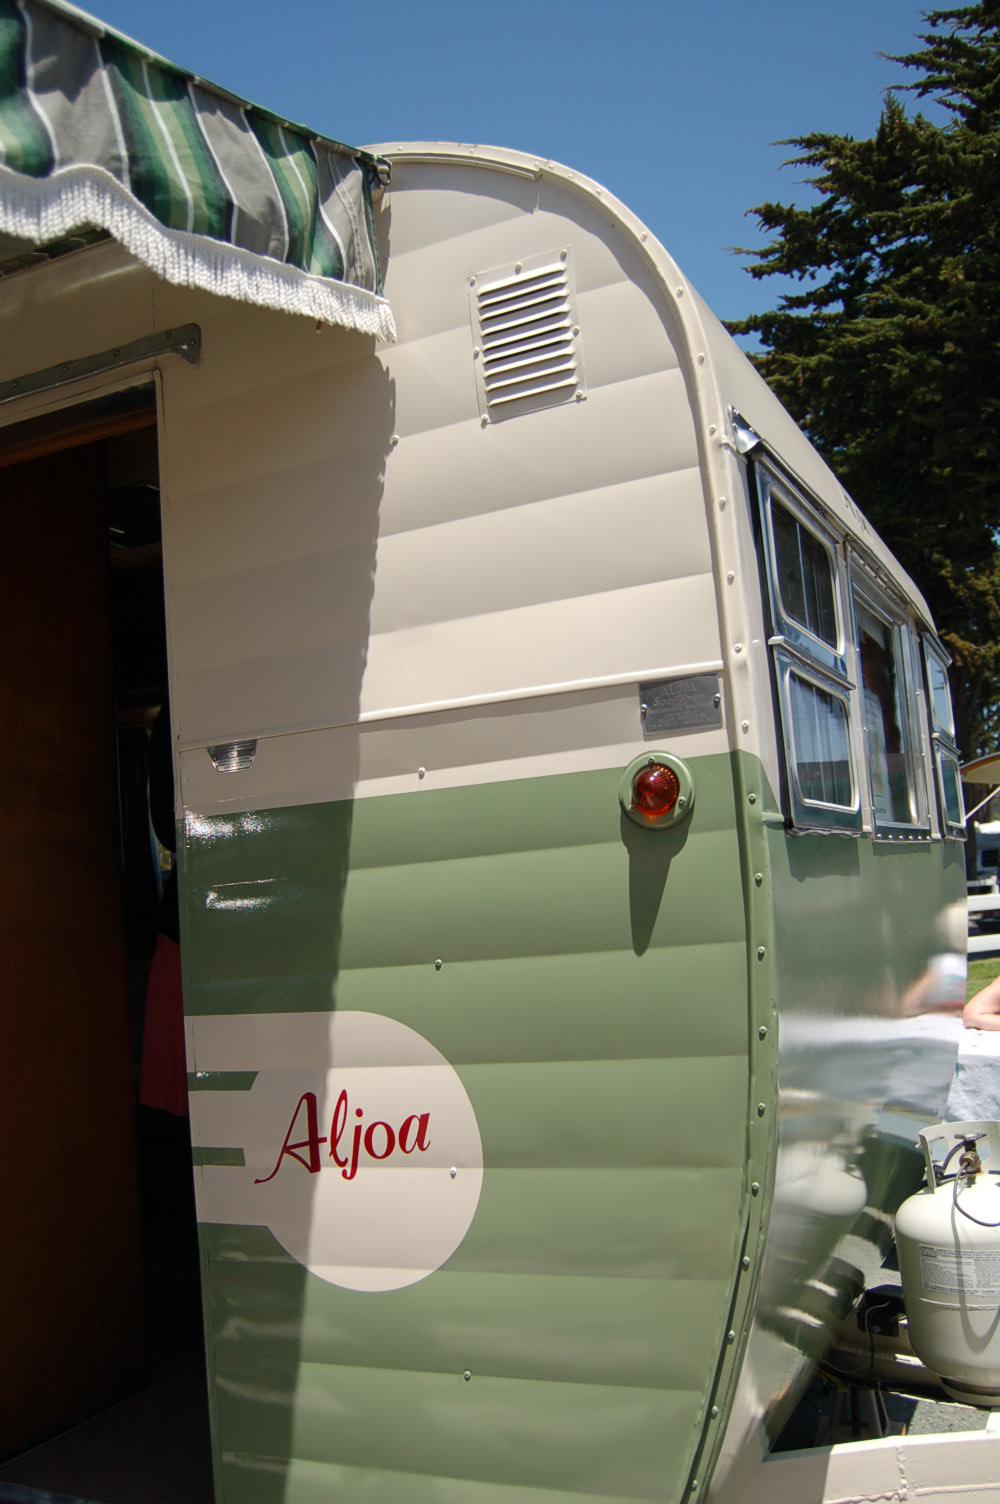 Sportsman trailer travel vintage